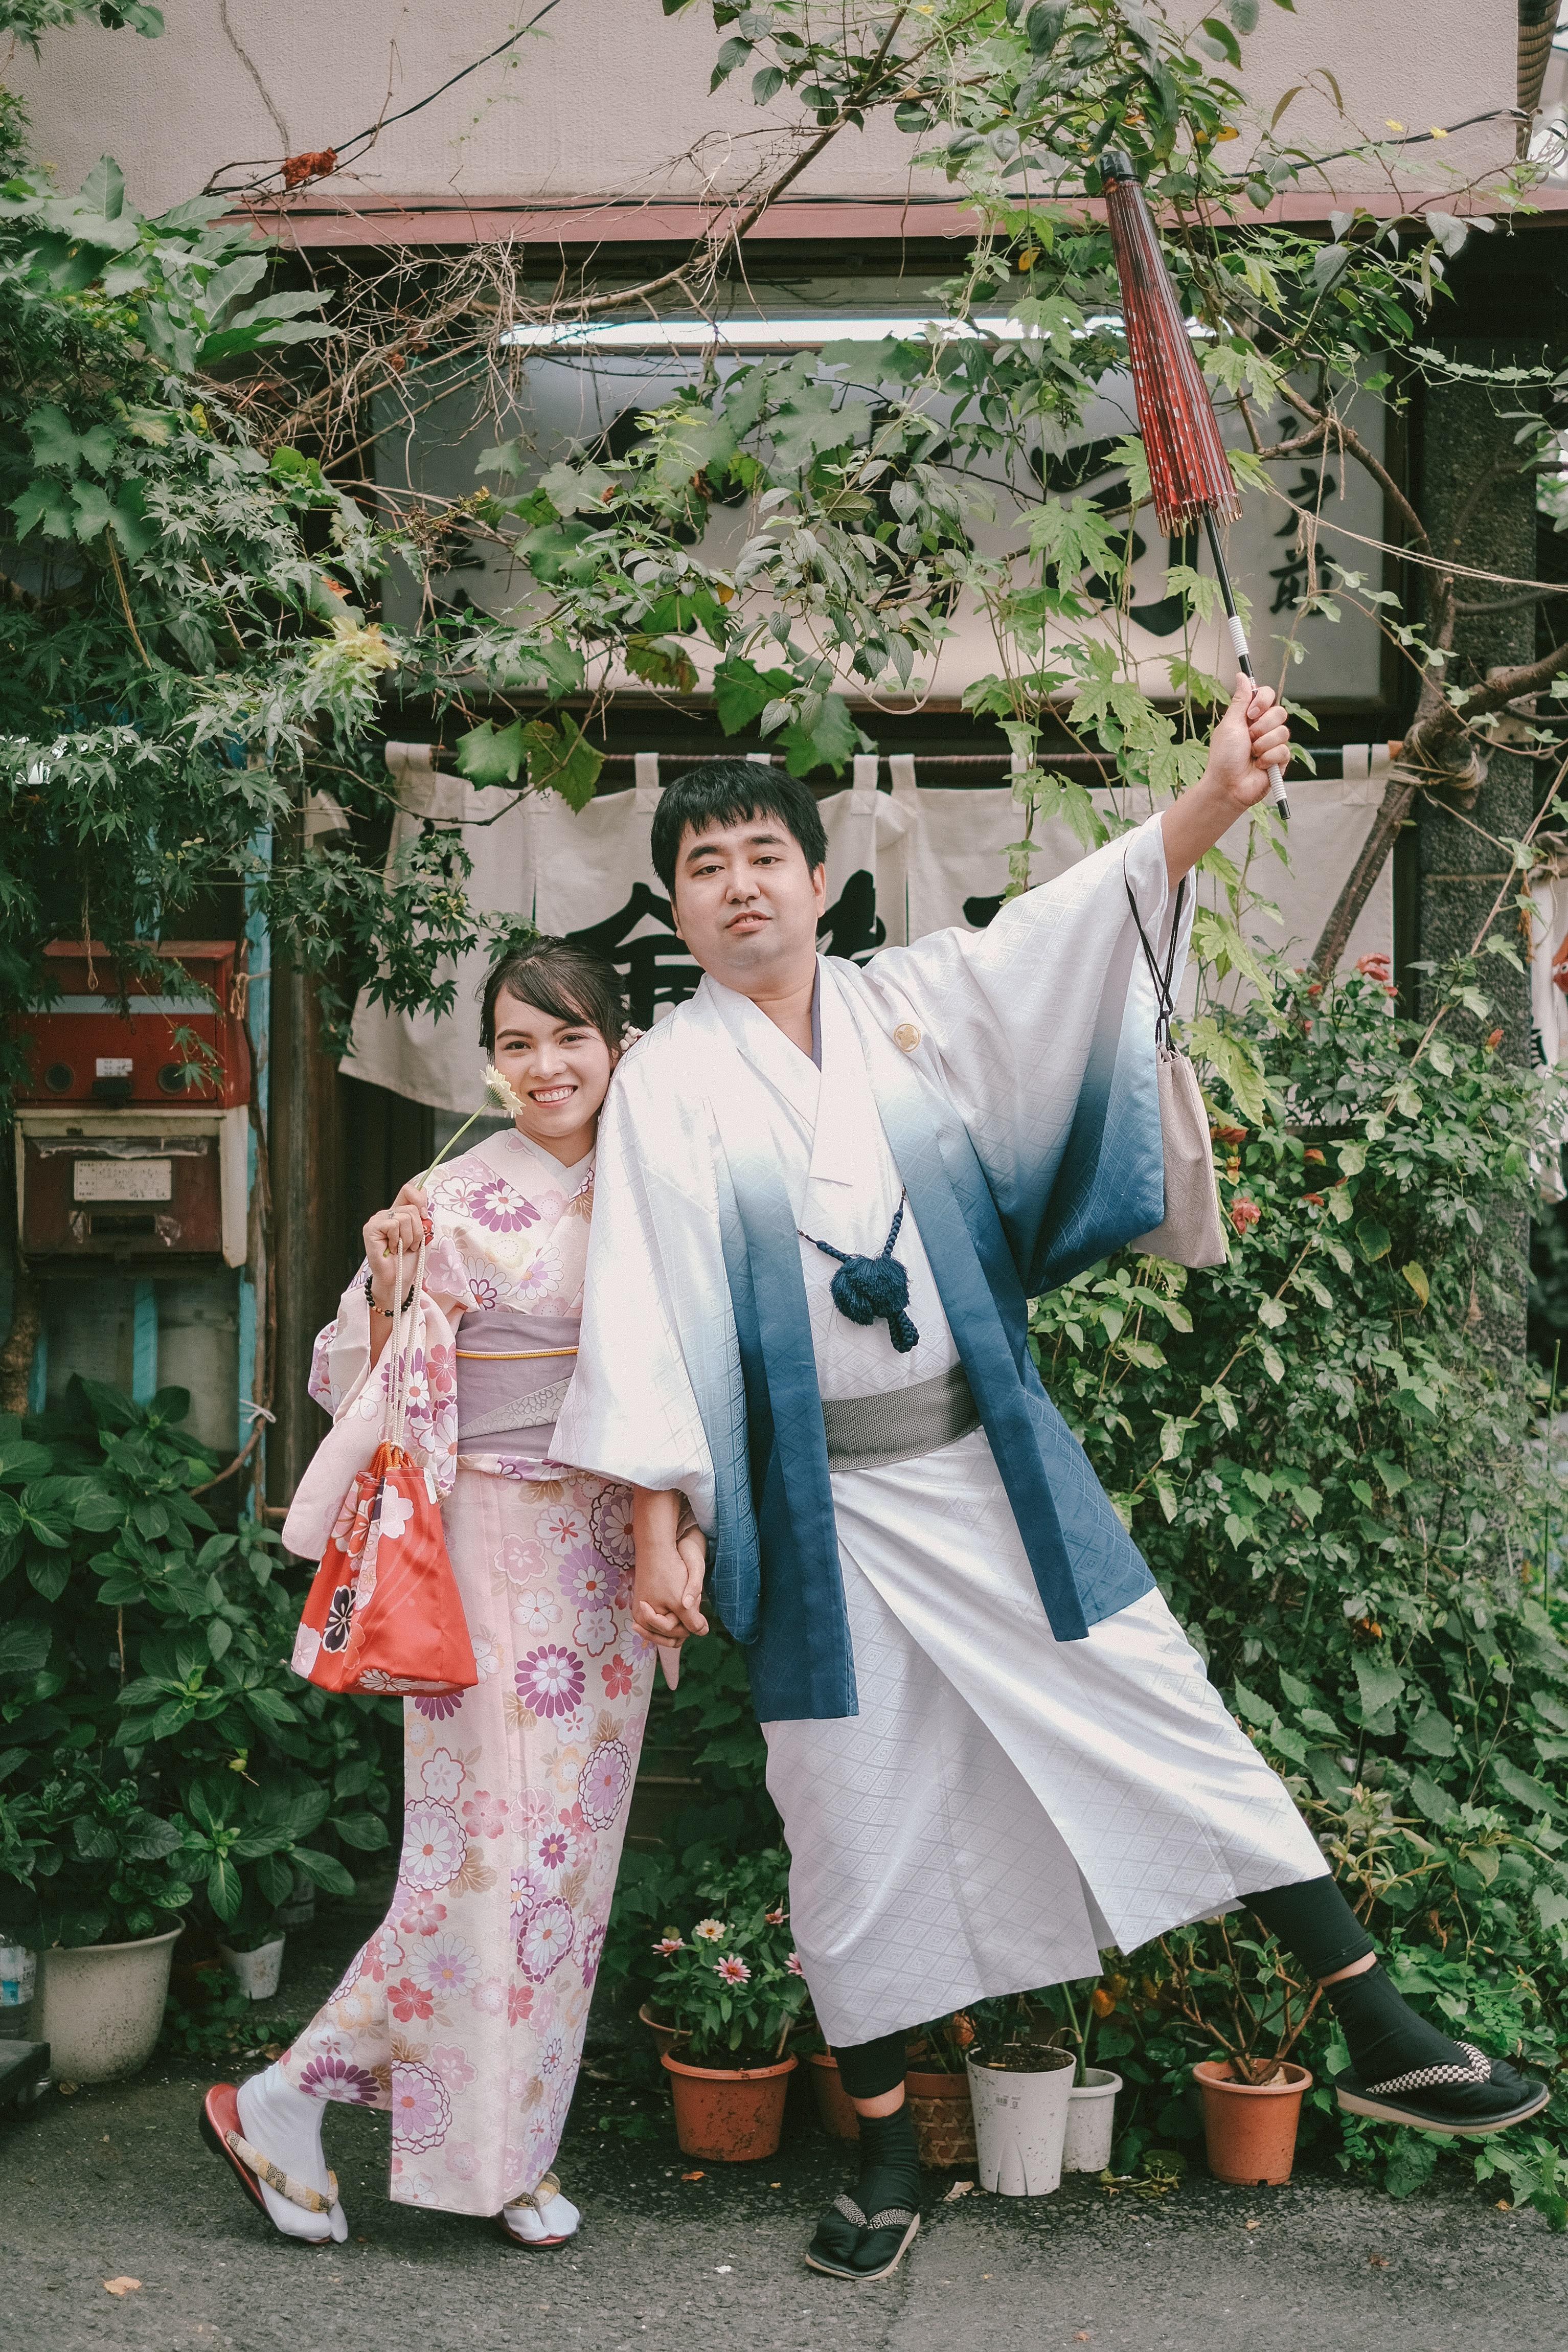 Khi quyết định sang Nhật làm việc,chị Nụ không có ý định kết hôn ở xứ sở hoa anh đào và ở lại lâu dài, nhưng khi quen môi trường sống, dần dần chị yêu thích đất nước con người nơi đây.